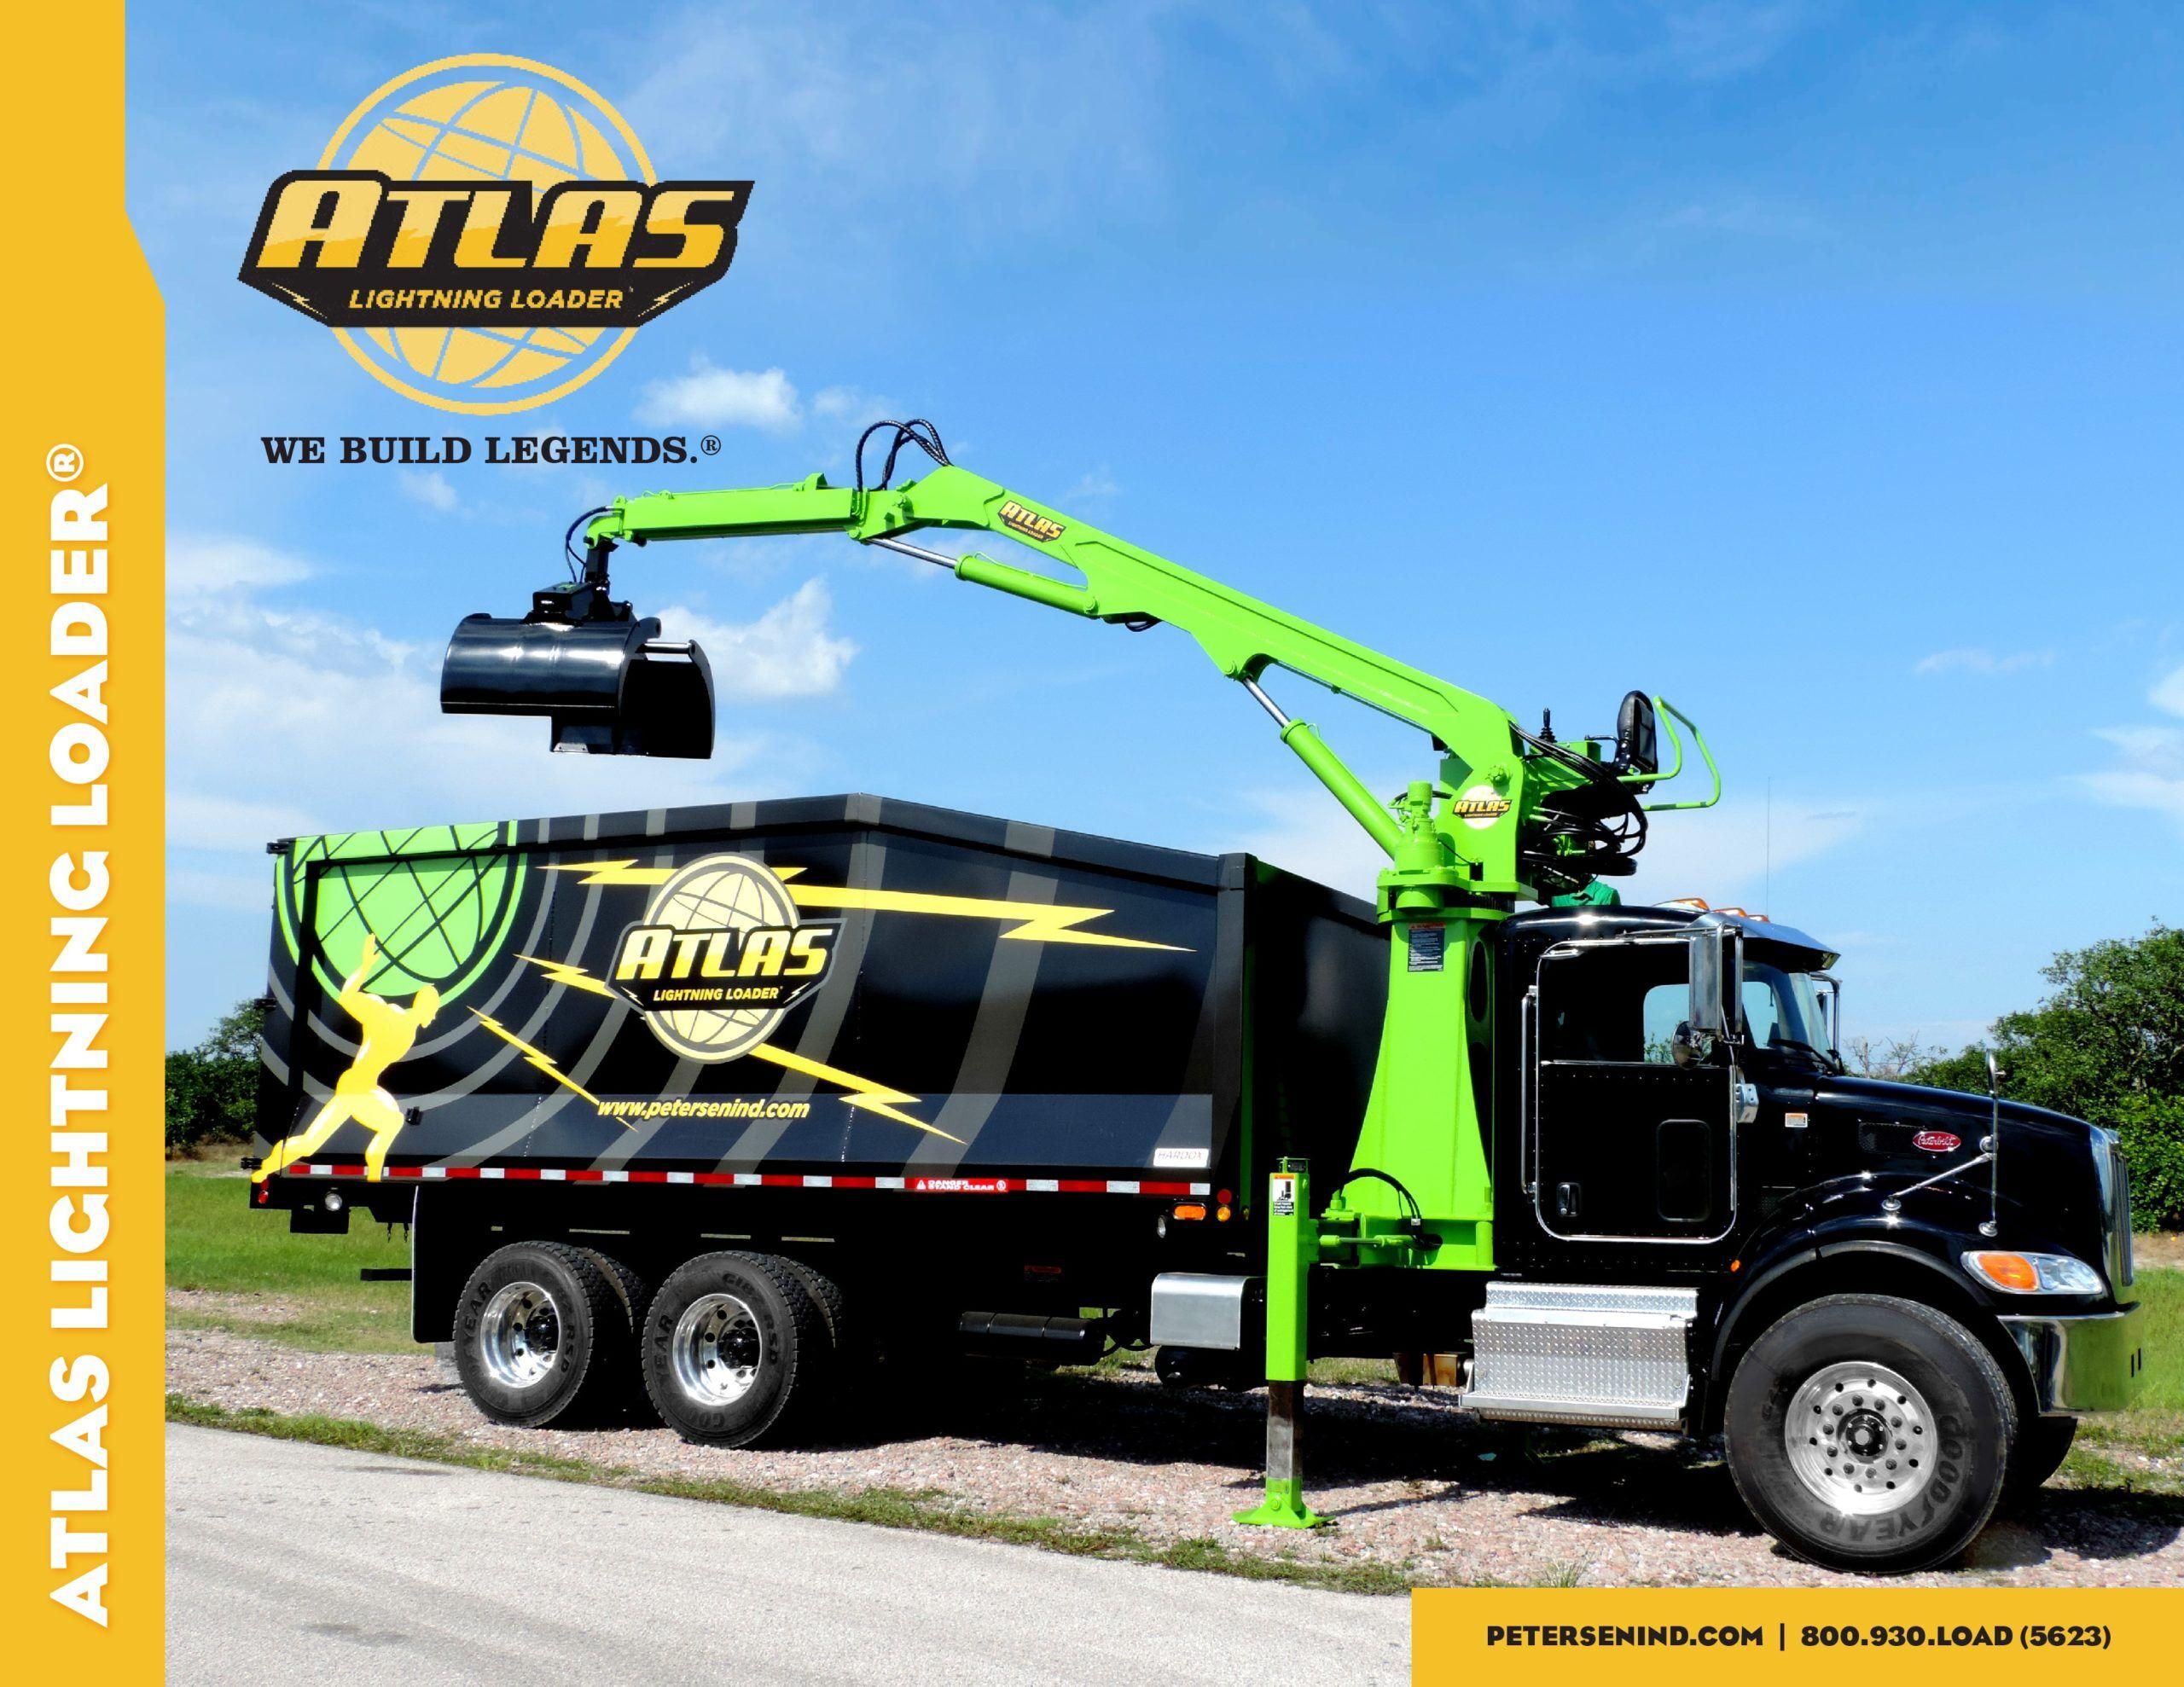 Storm Clean Up Contractors